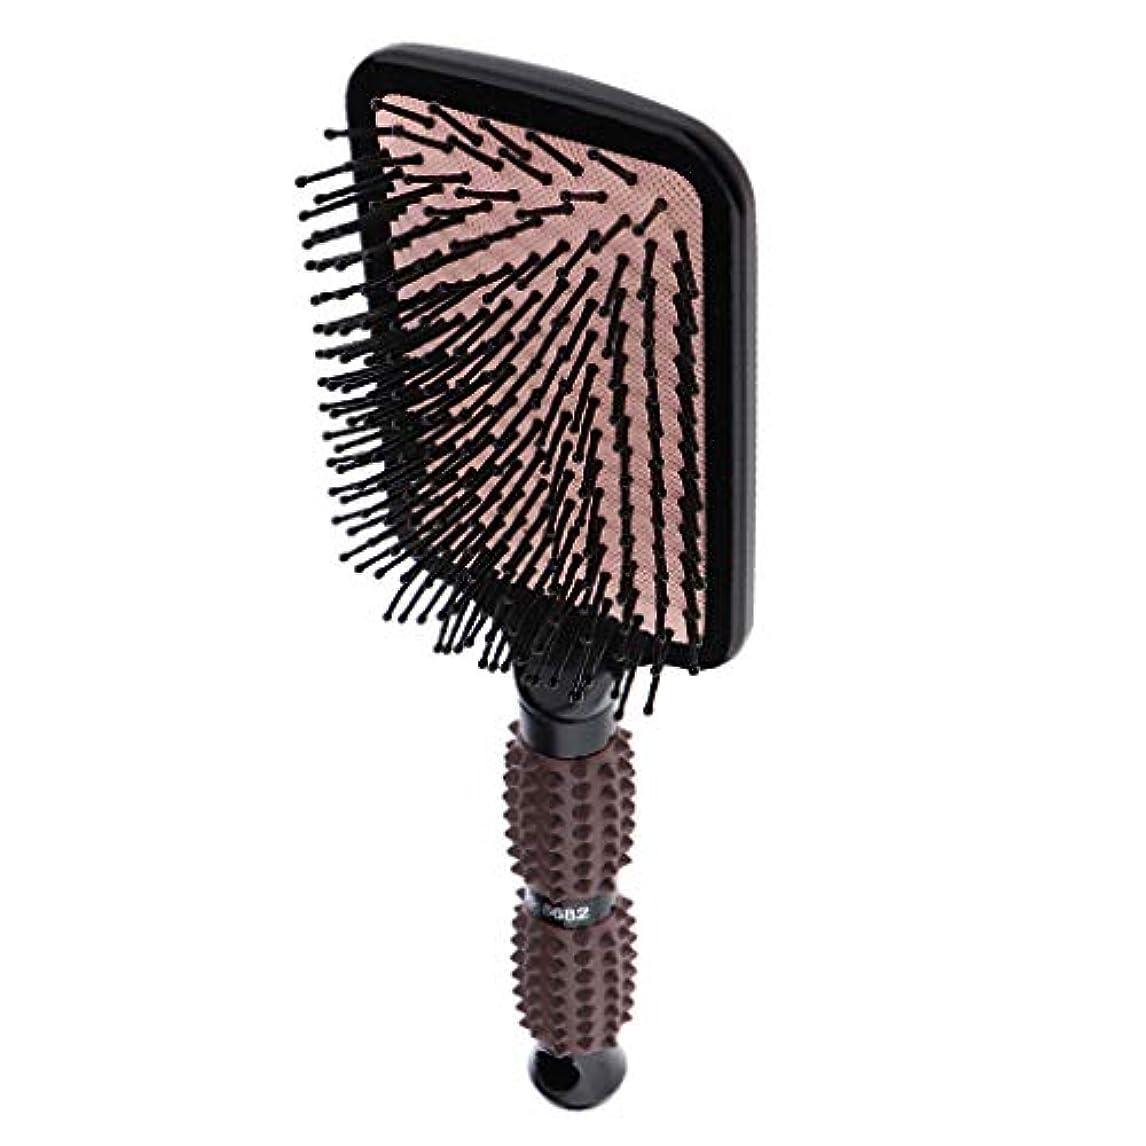 倒産ヘッジラベルPerfeclan ヘアブラシ 櫛 くし 頭皮/肩/顔マッサージコーム 美髪ケア 血行促進 薄毛改善 全2サイズ - スクエア